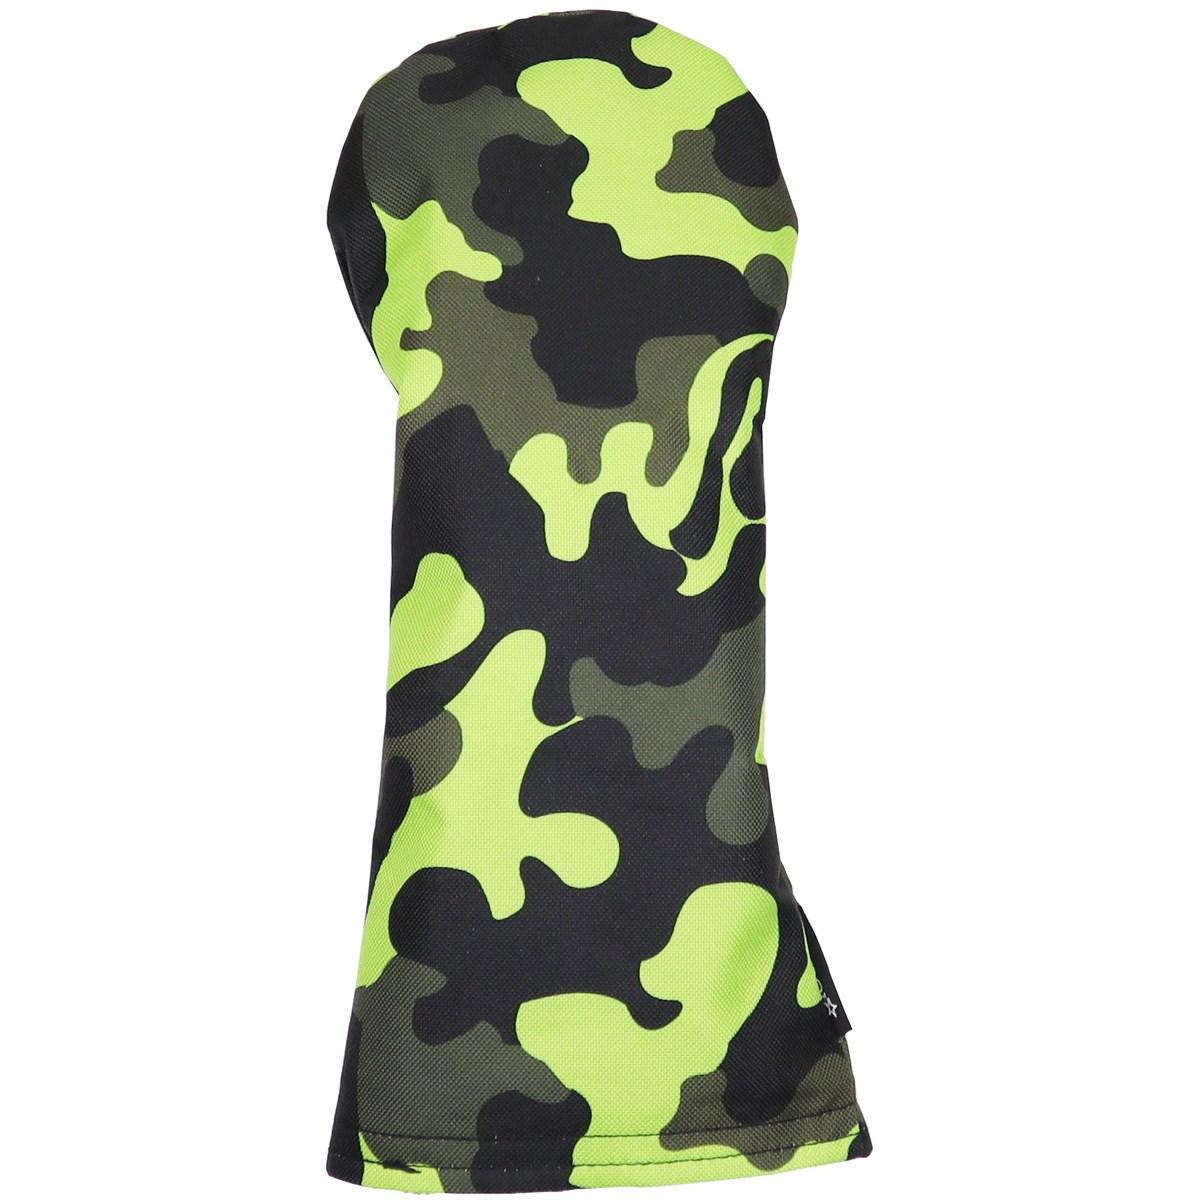 AZROF スタイルヘッドカバー DR用 アーバンカモグリーン